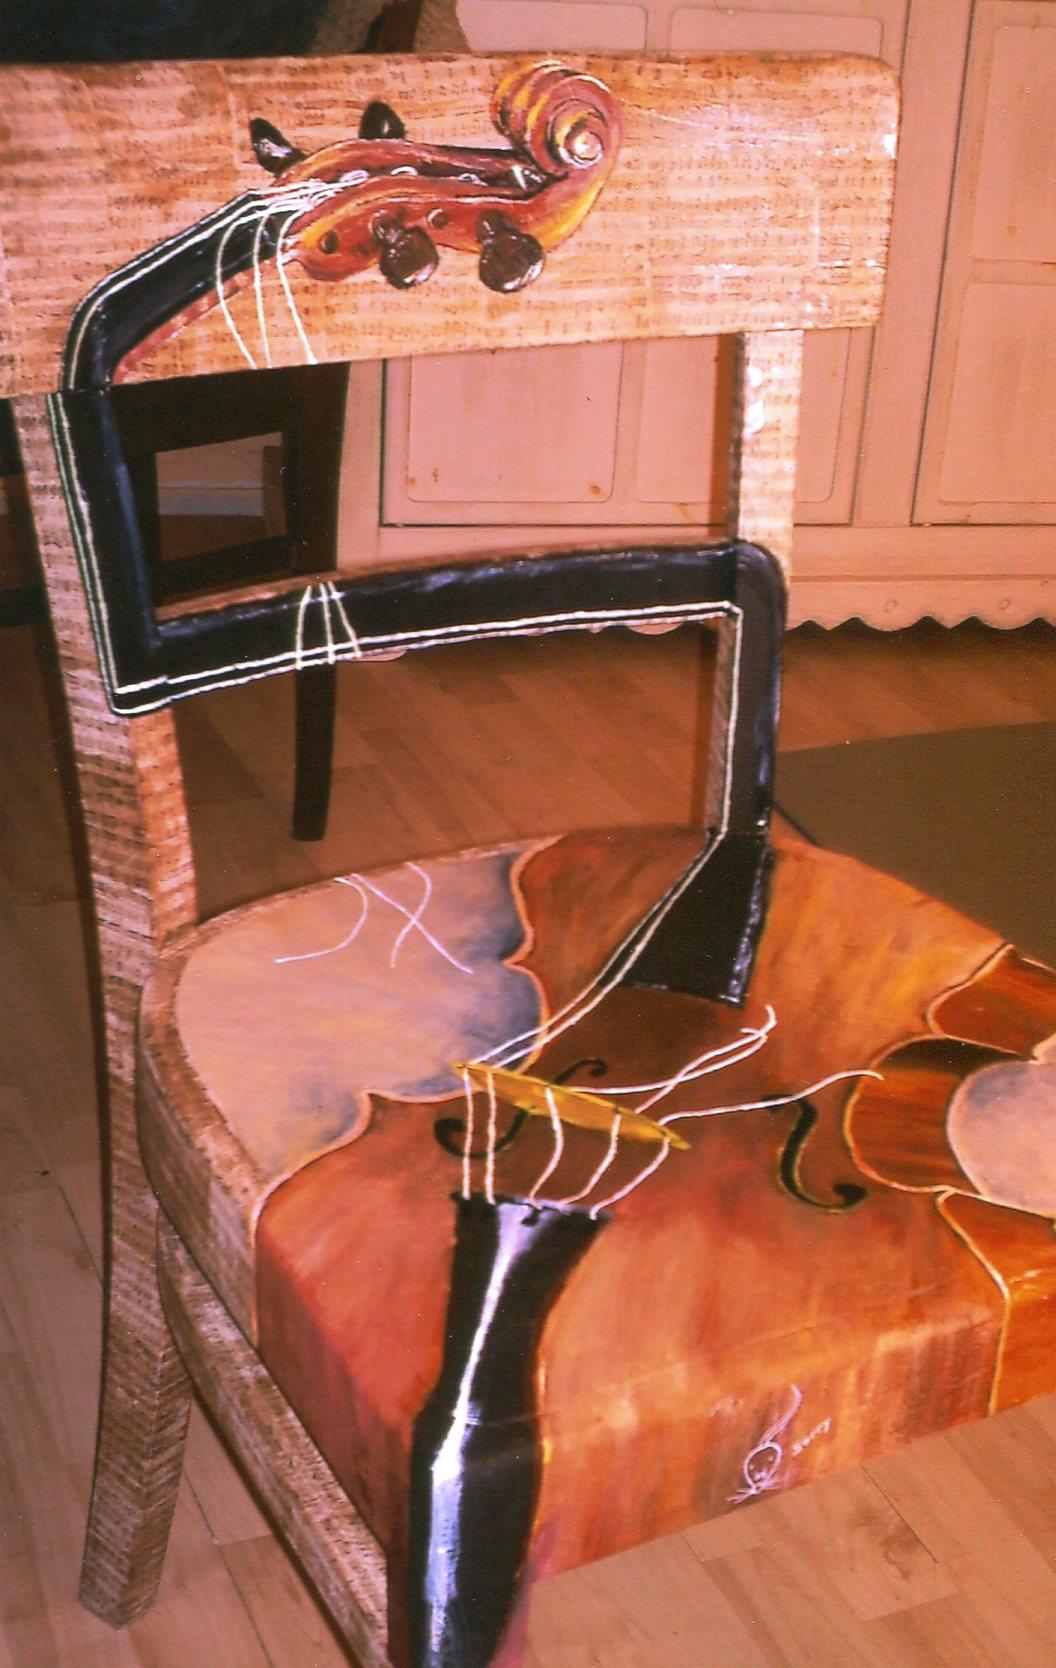 bild bemalte st hle st hle bemalt bemalte m bel reichiklein von reichklein bei kunstnet. Black Bedroom Furniture Sets. Home Design Ideas